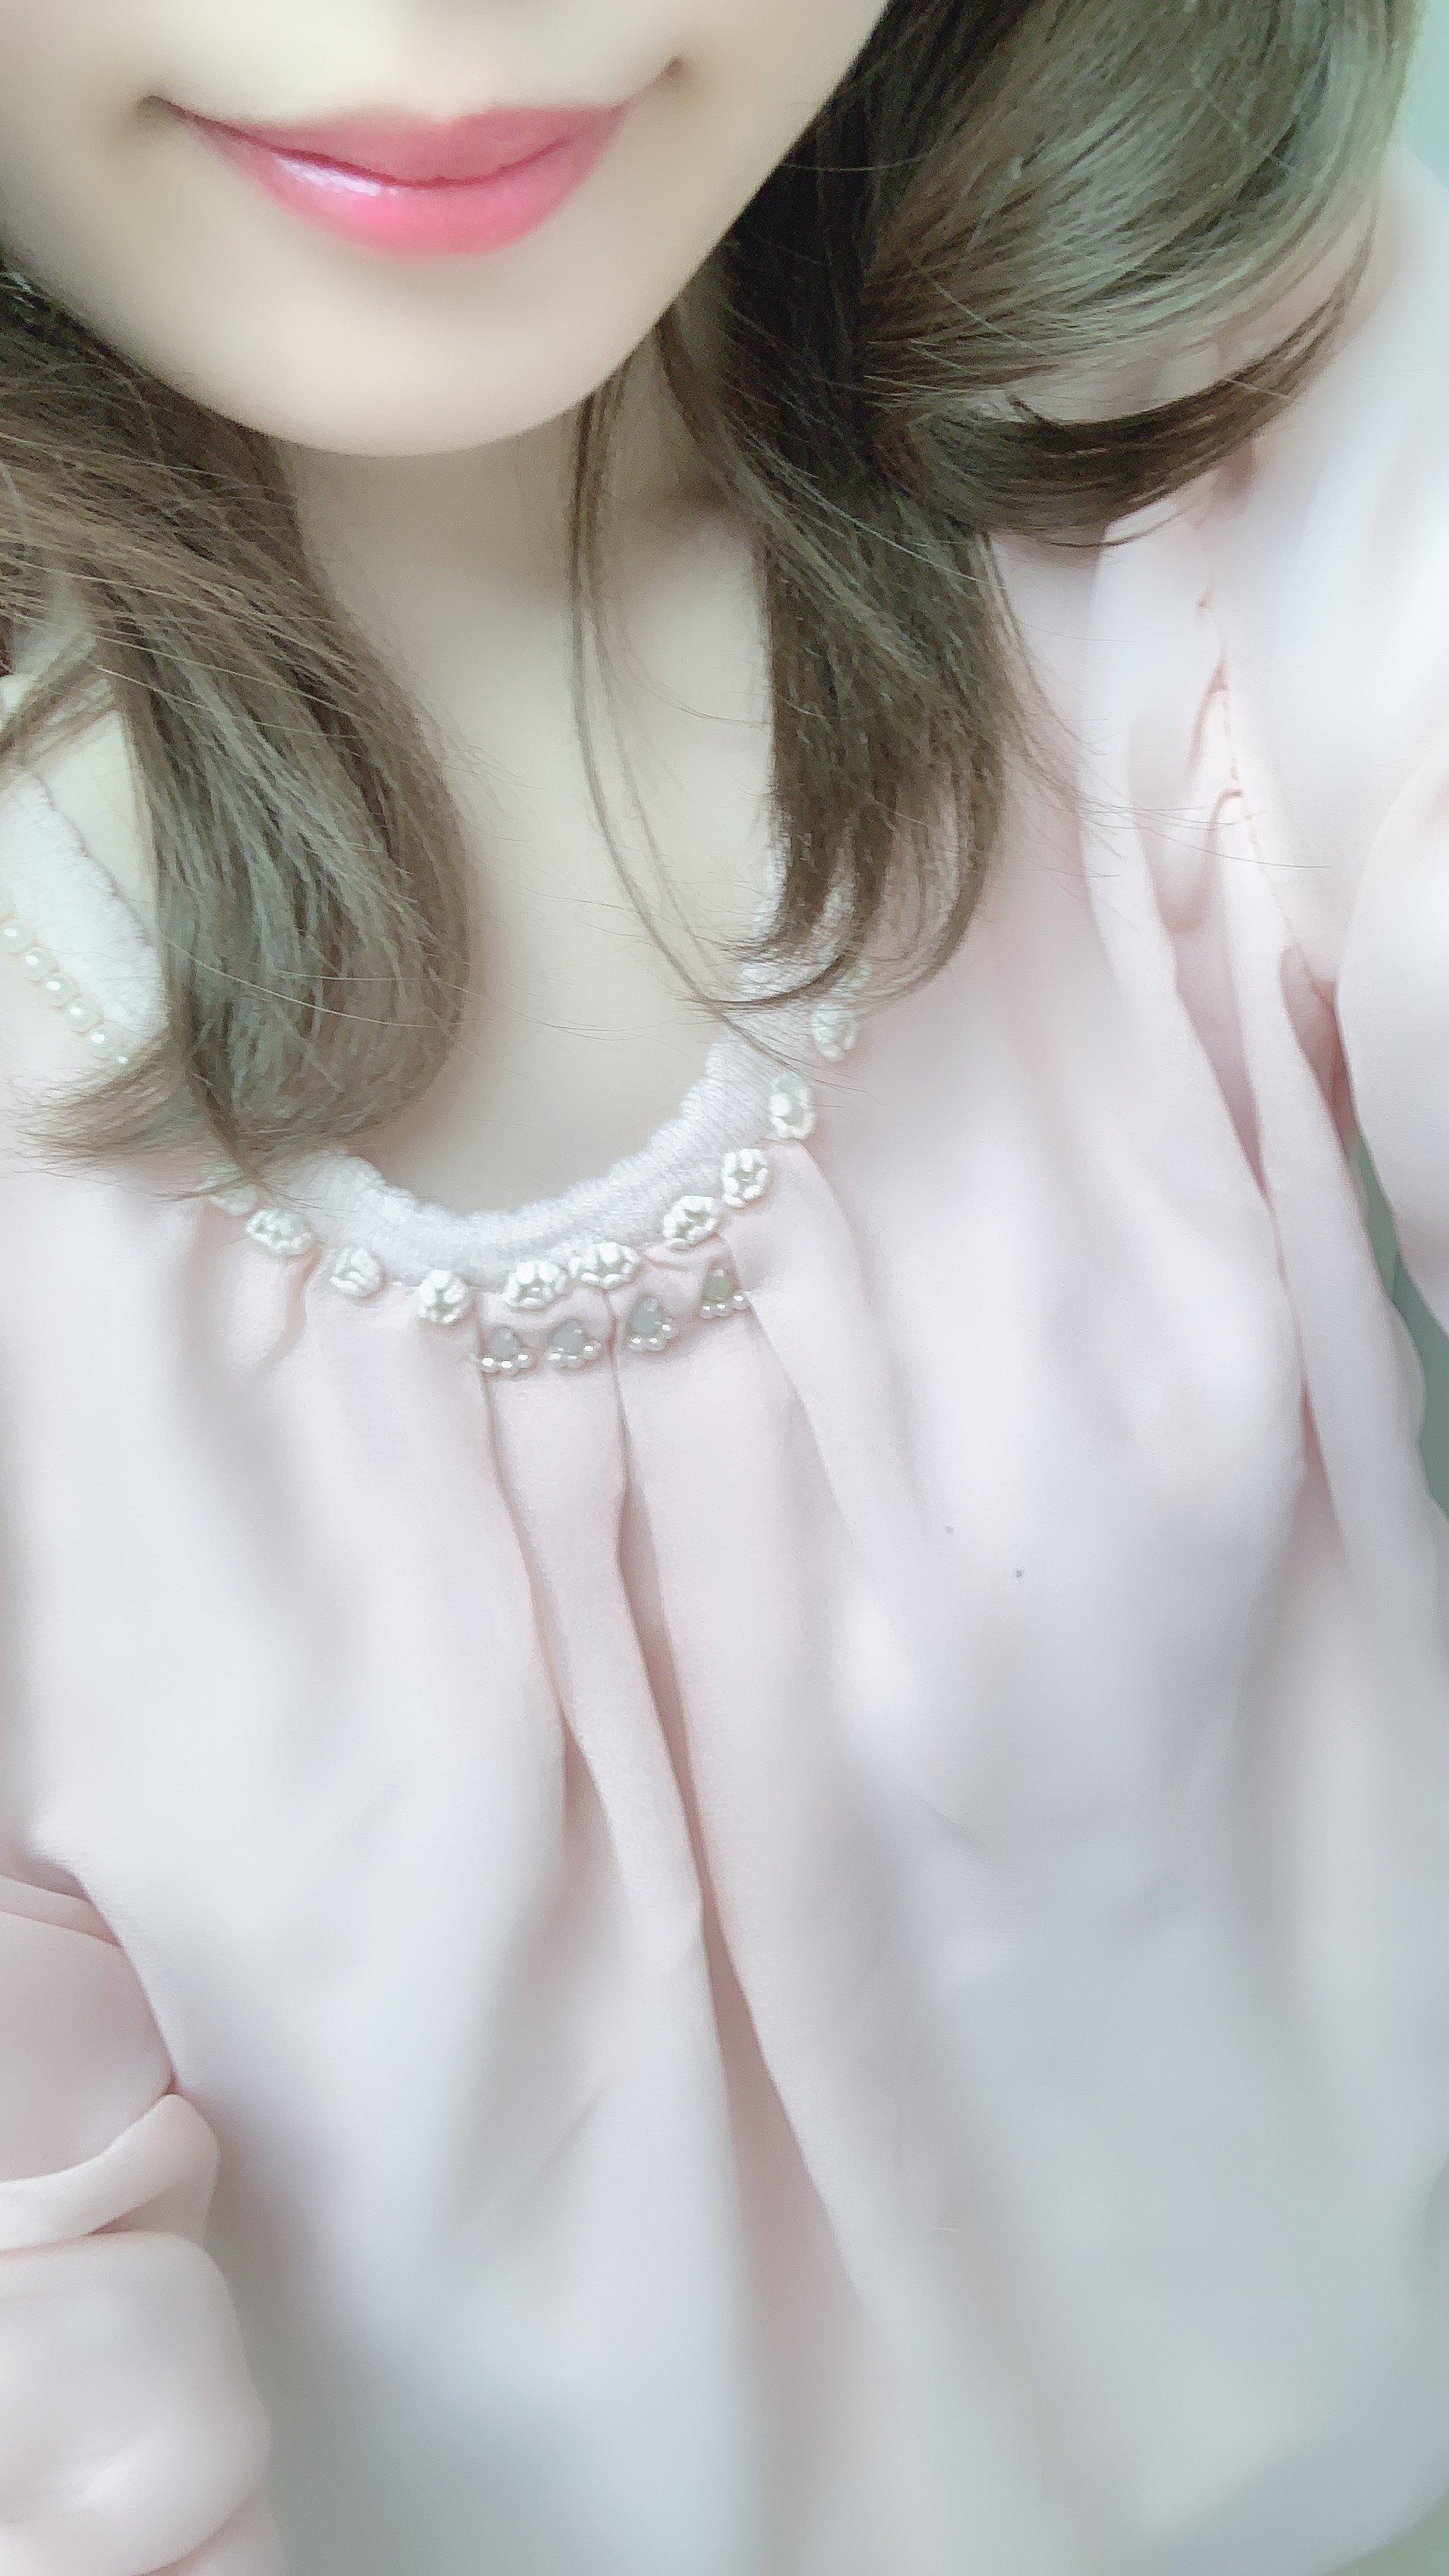 今日はピンクだよ〜笑笑関係ないけど、スラッシャーの服欲しい…